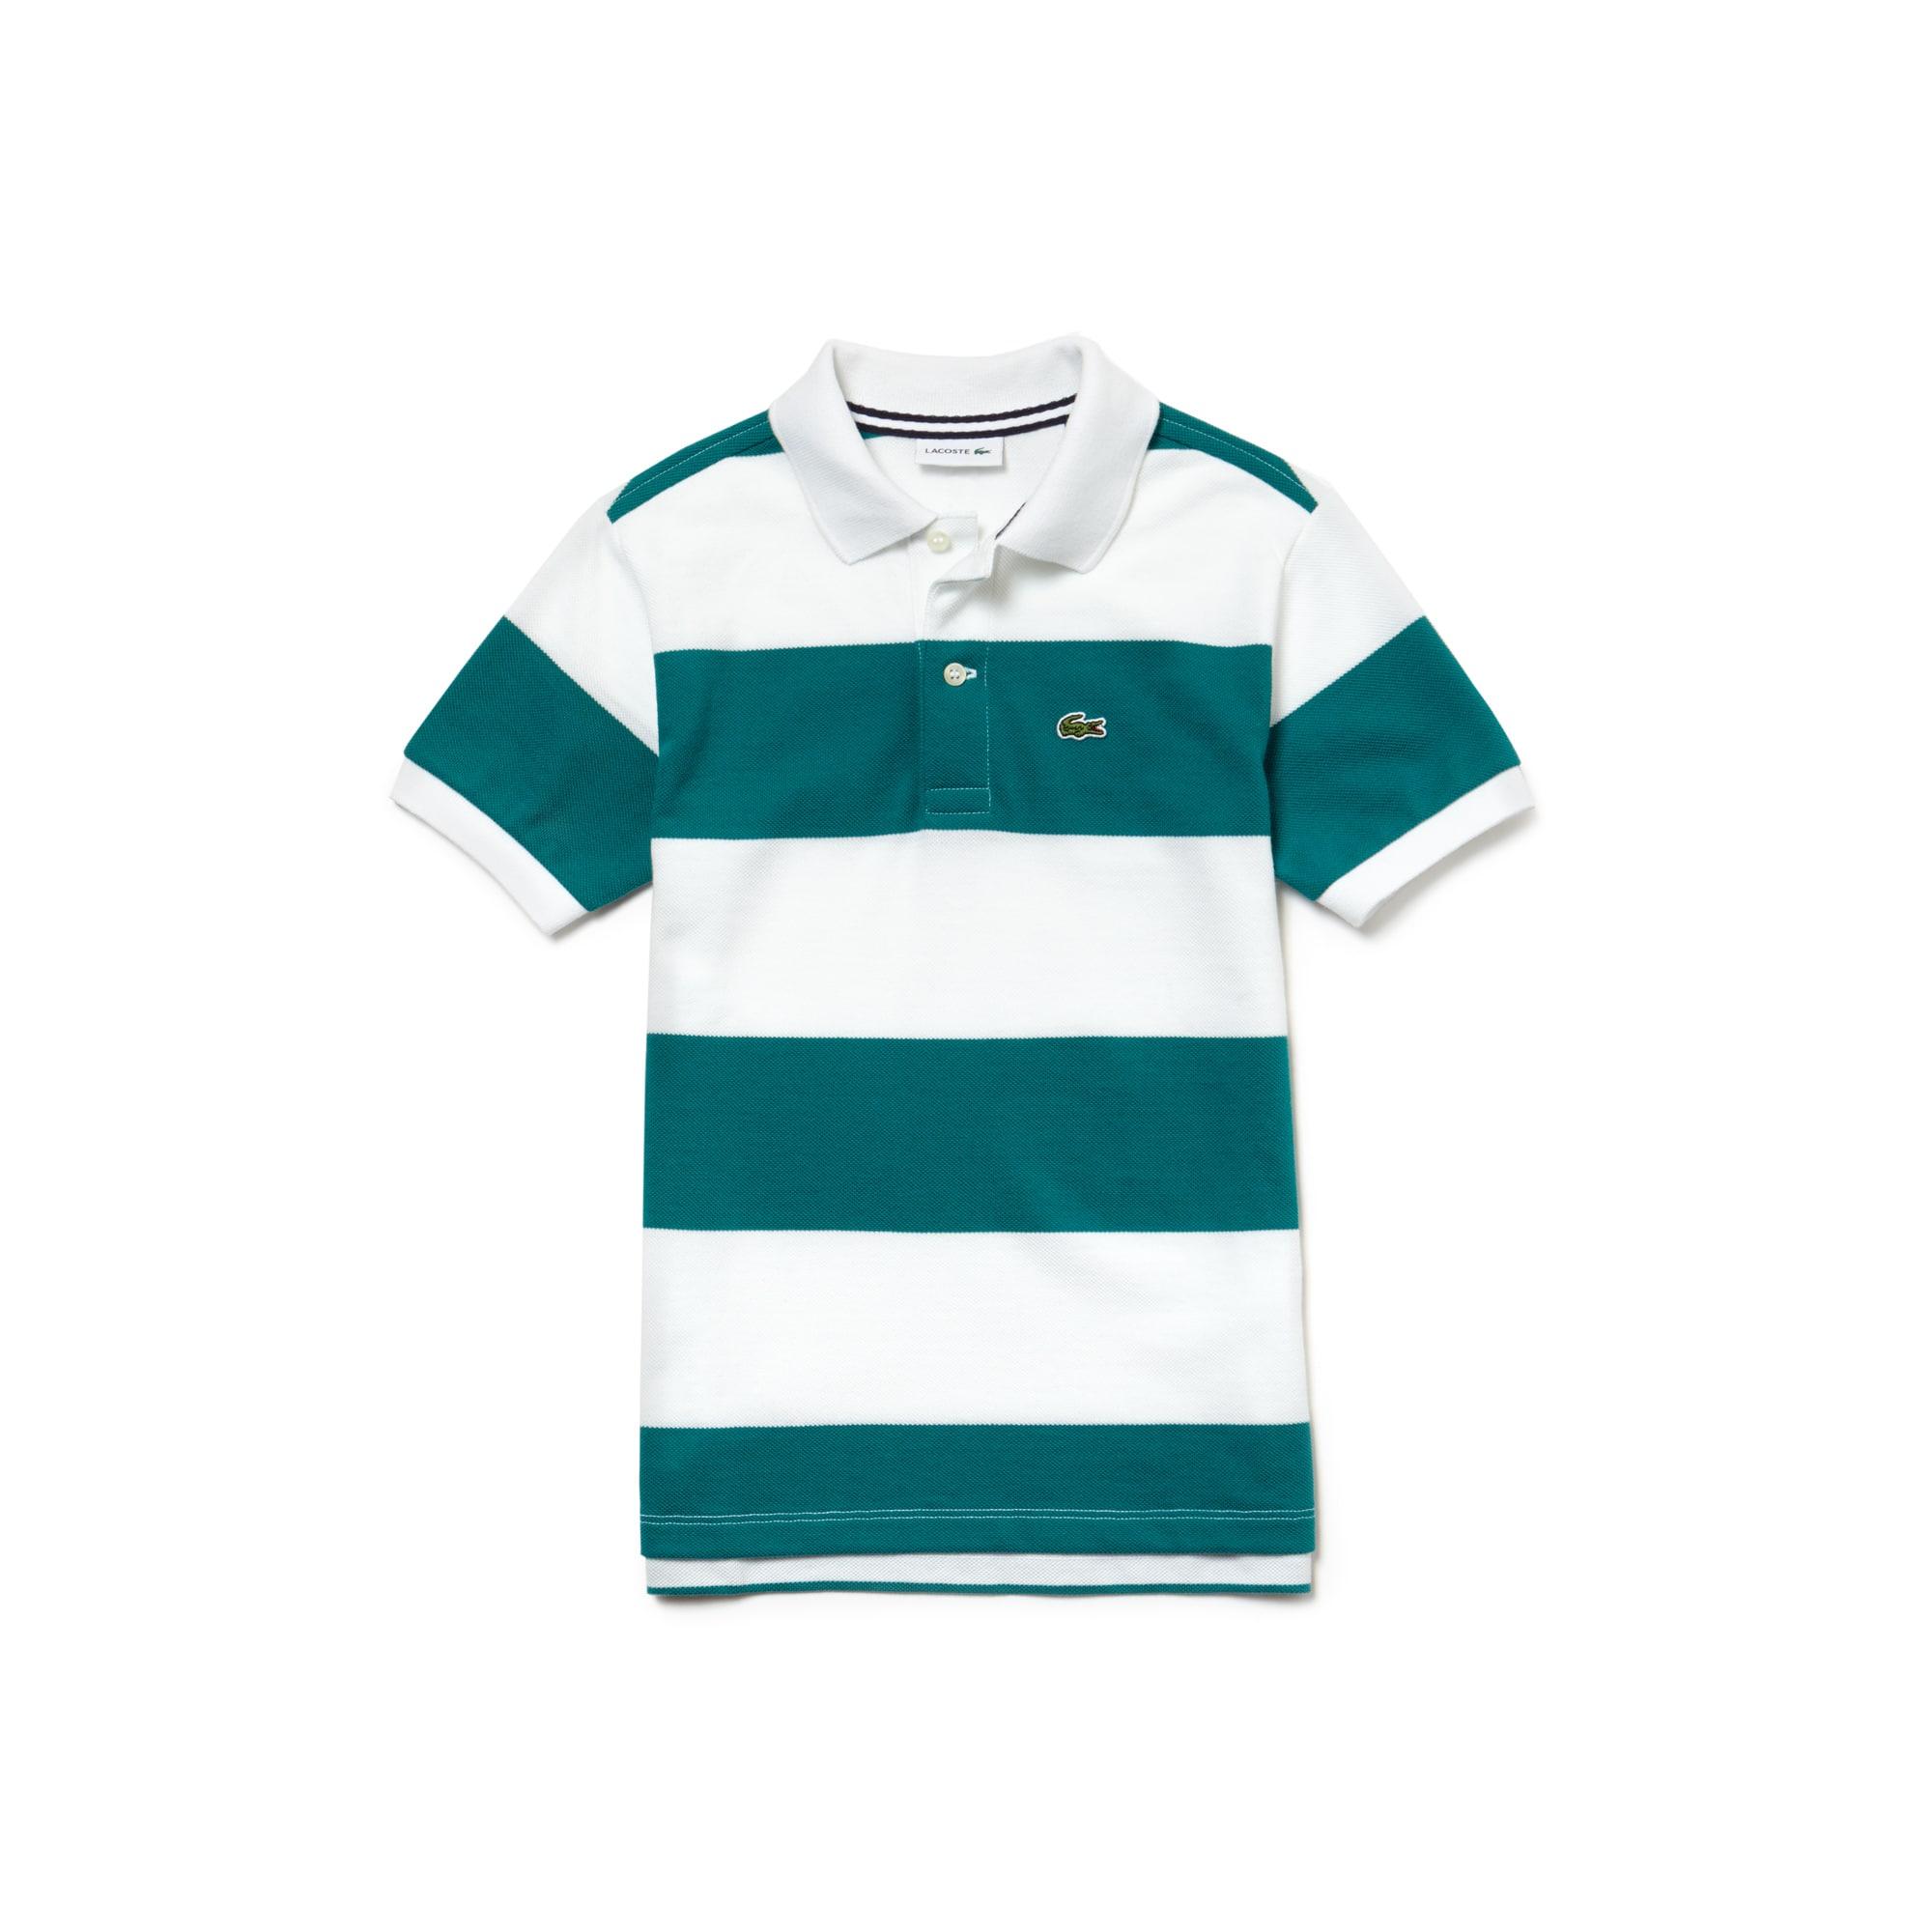 cab09e5b711 Camisa Polo Lacoste Masculina Infantil Listrada em Petit Piqué de Algodão